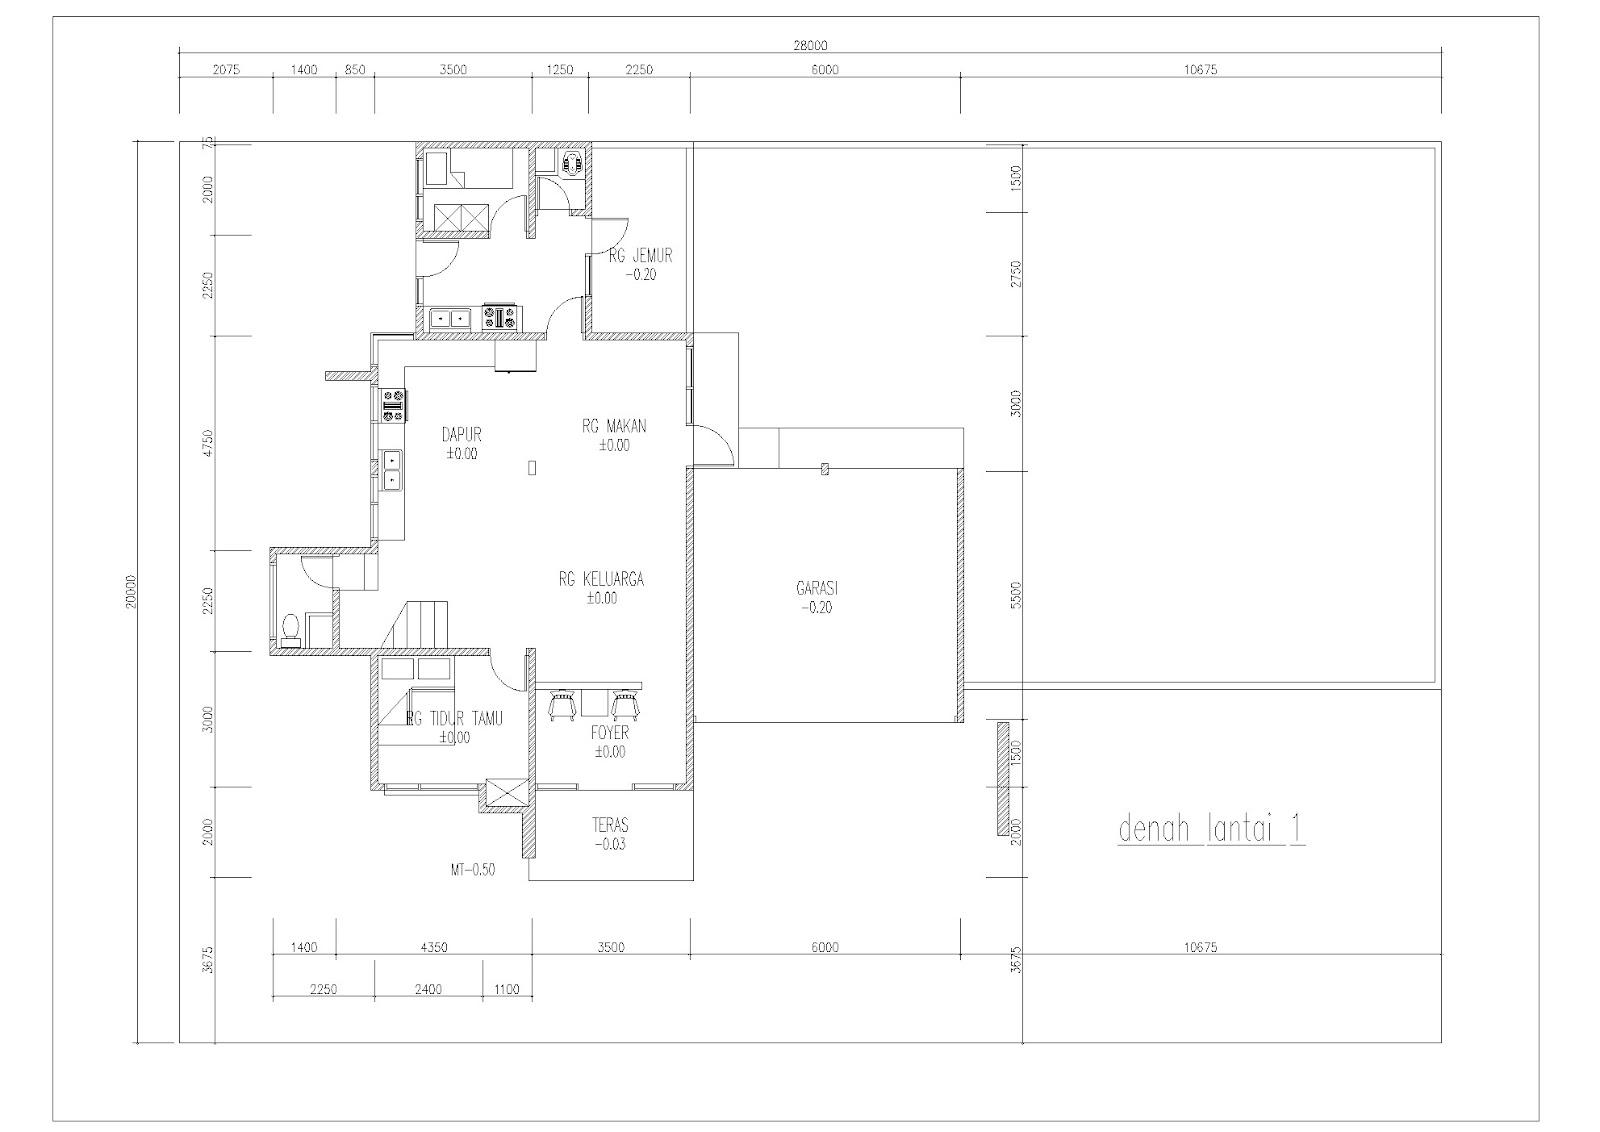 contoh gambar denah rumah dua lantai ide bangunan